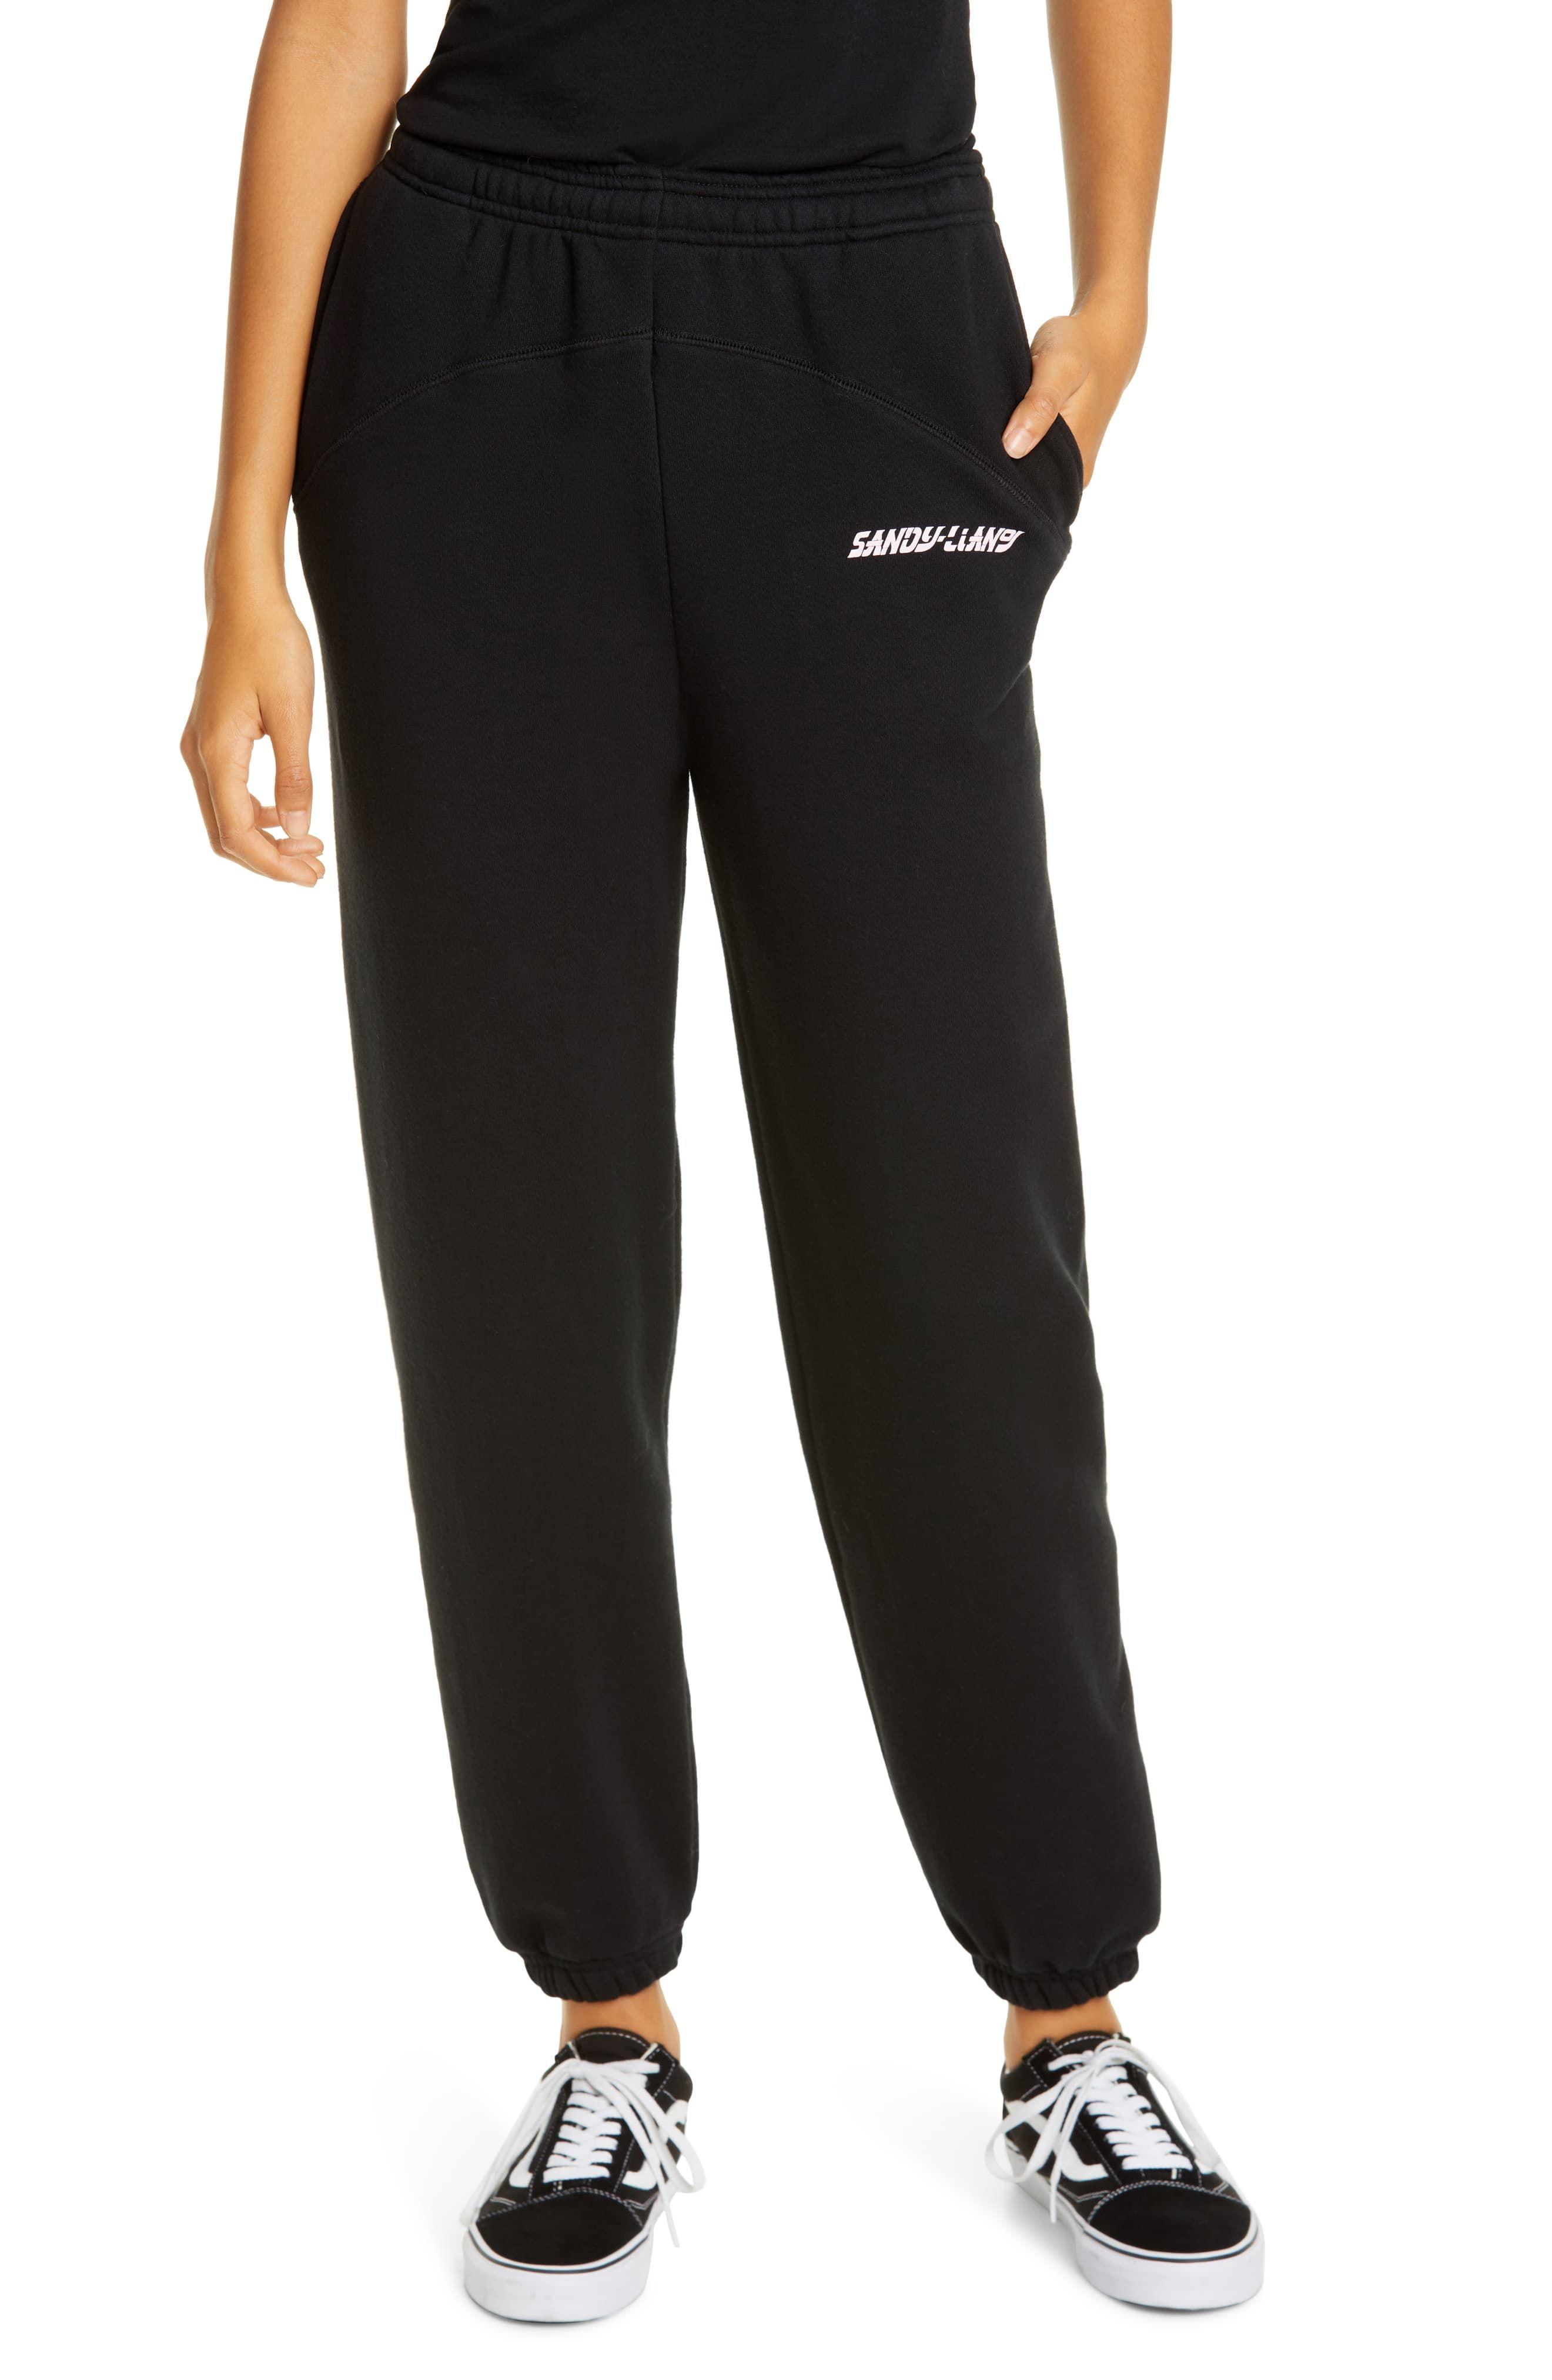 Rosie Sweatpants